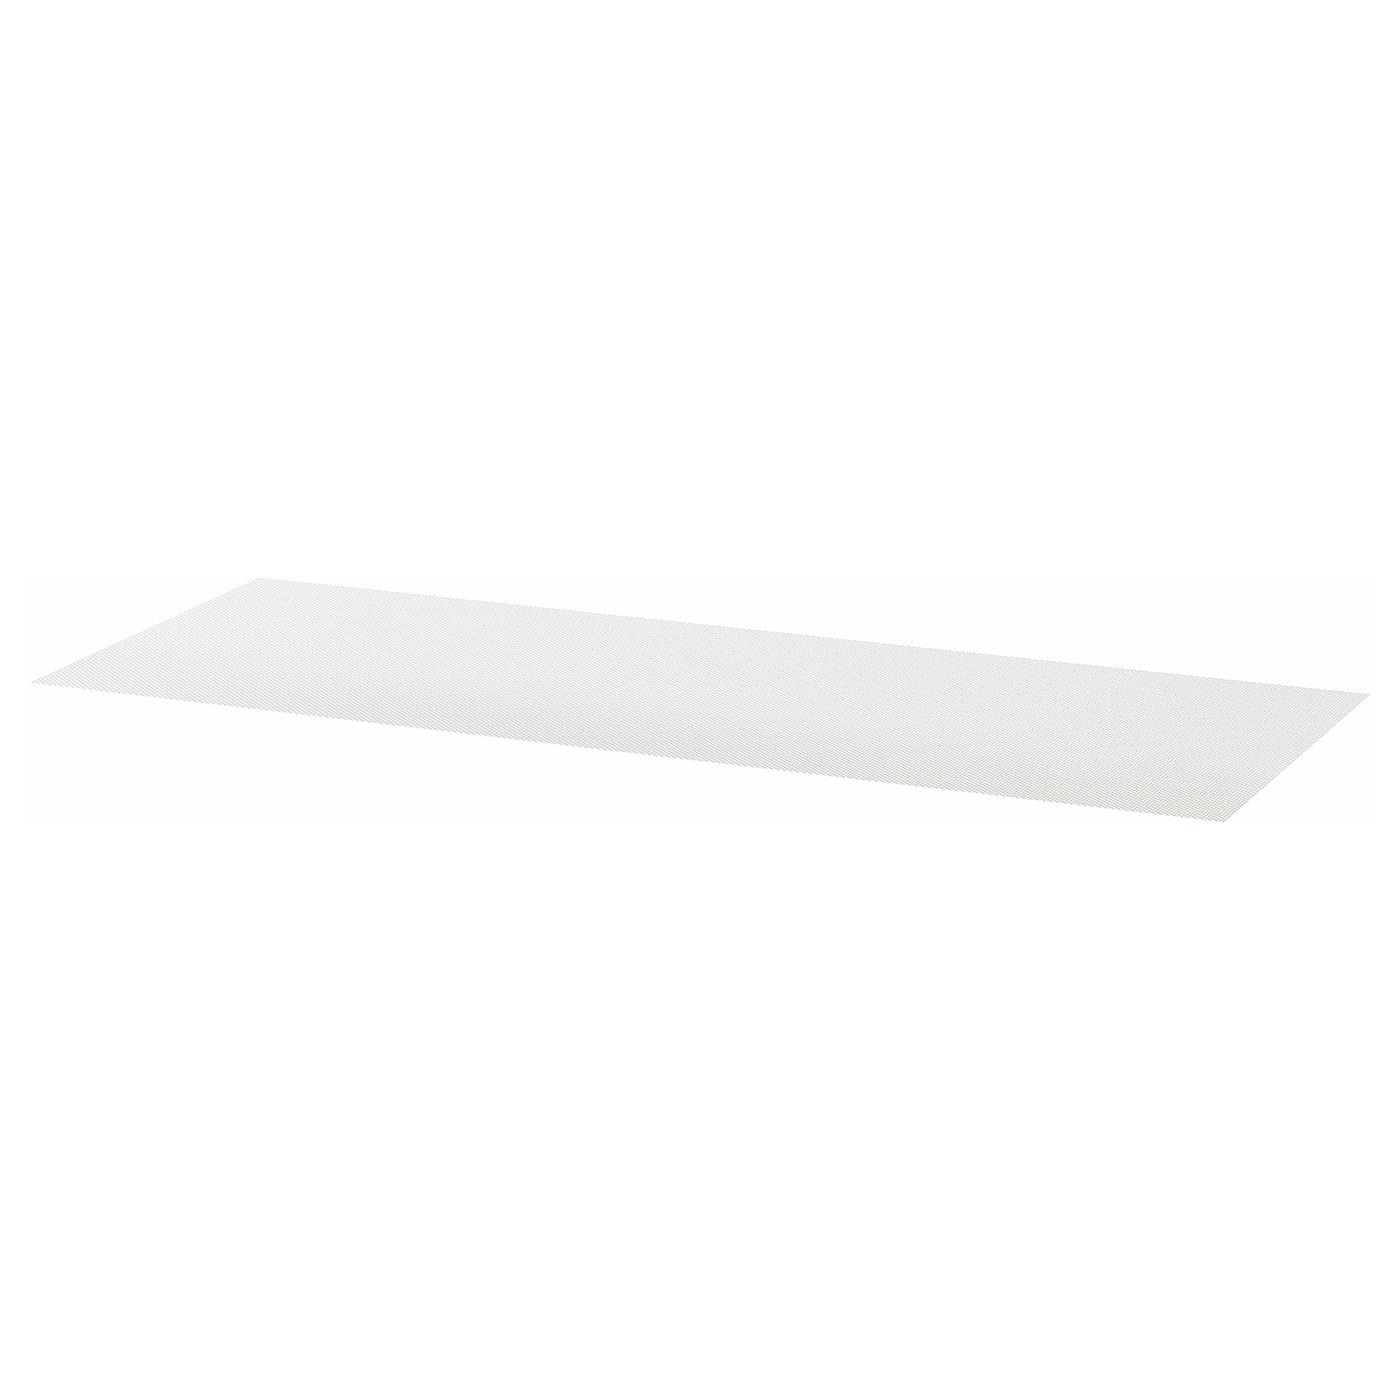 Variera Tapis De Tiroir Transparent Ikea